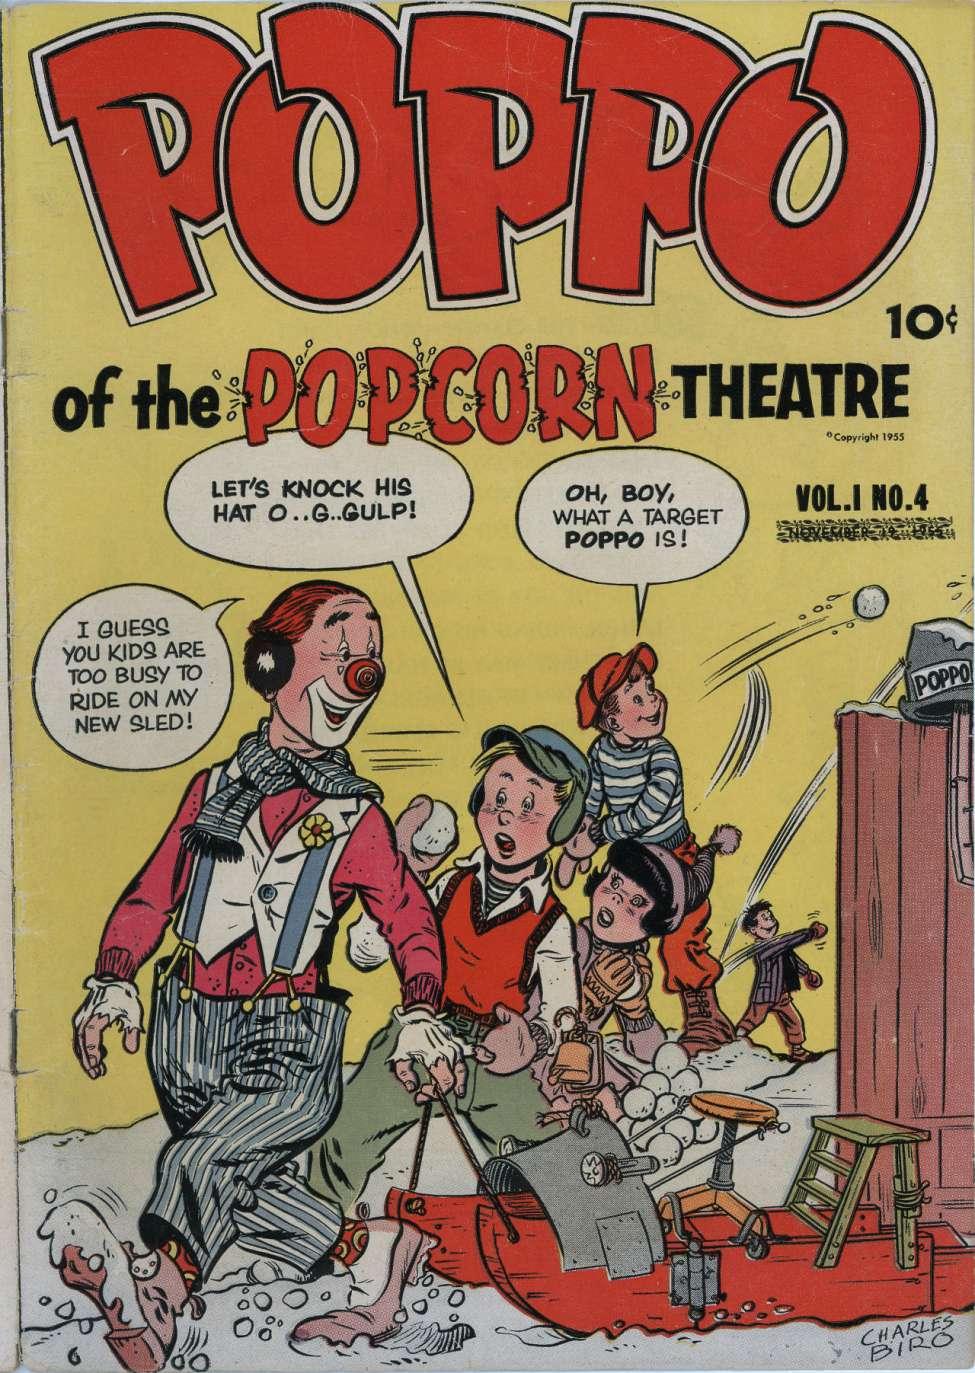 Comic Book Cover For Poppo of the Popcorn Theatre v1 #4